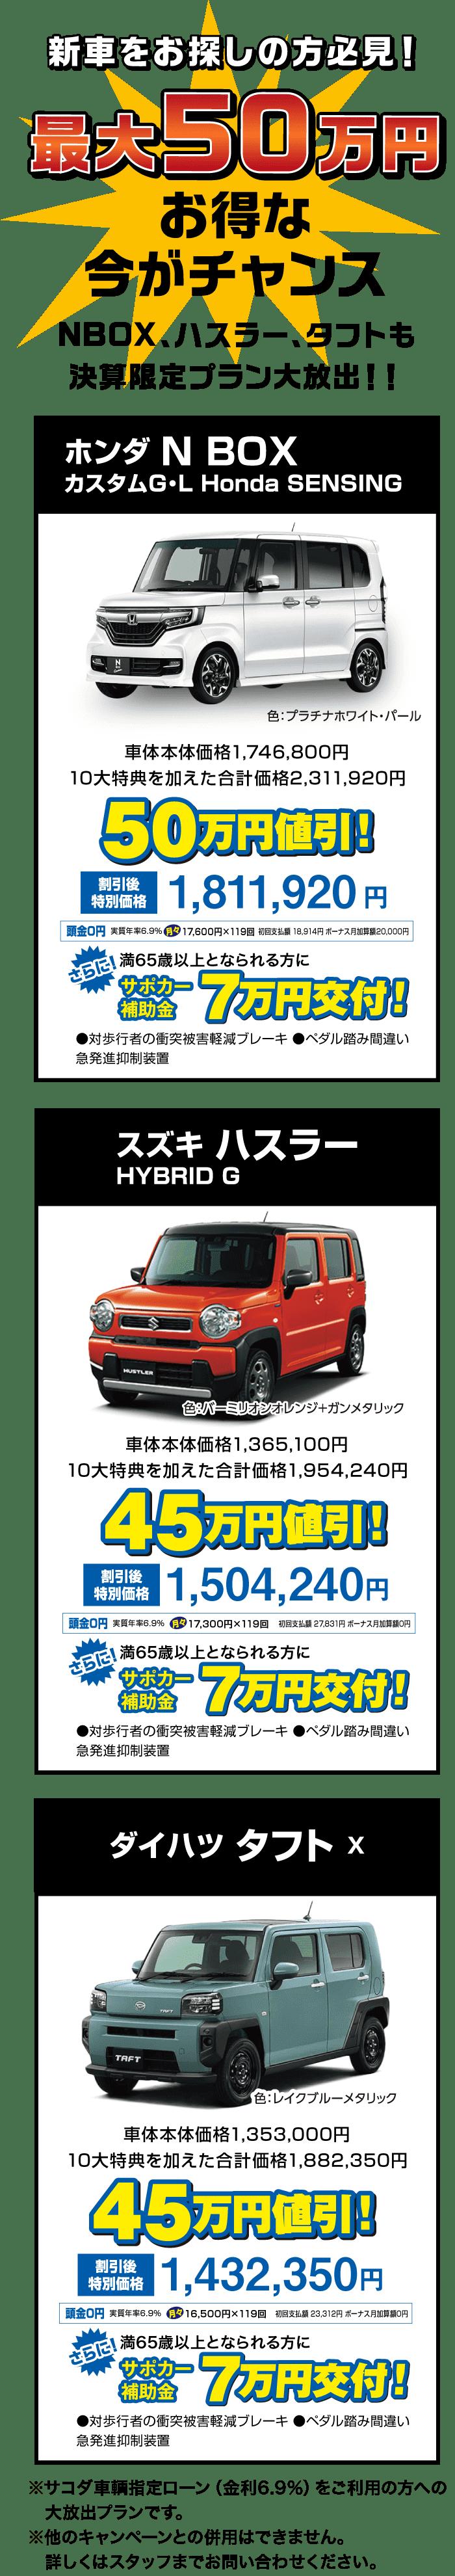 新車をお探しの方必見!最大50万円お得な今がチャンス!NBOX、ハスラー、タフトも決算限定プラン大放出!